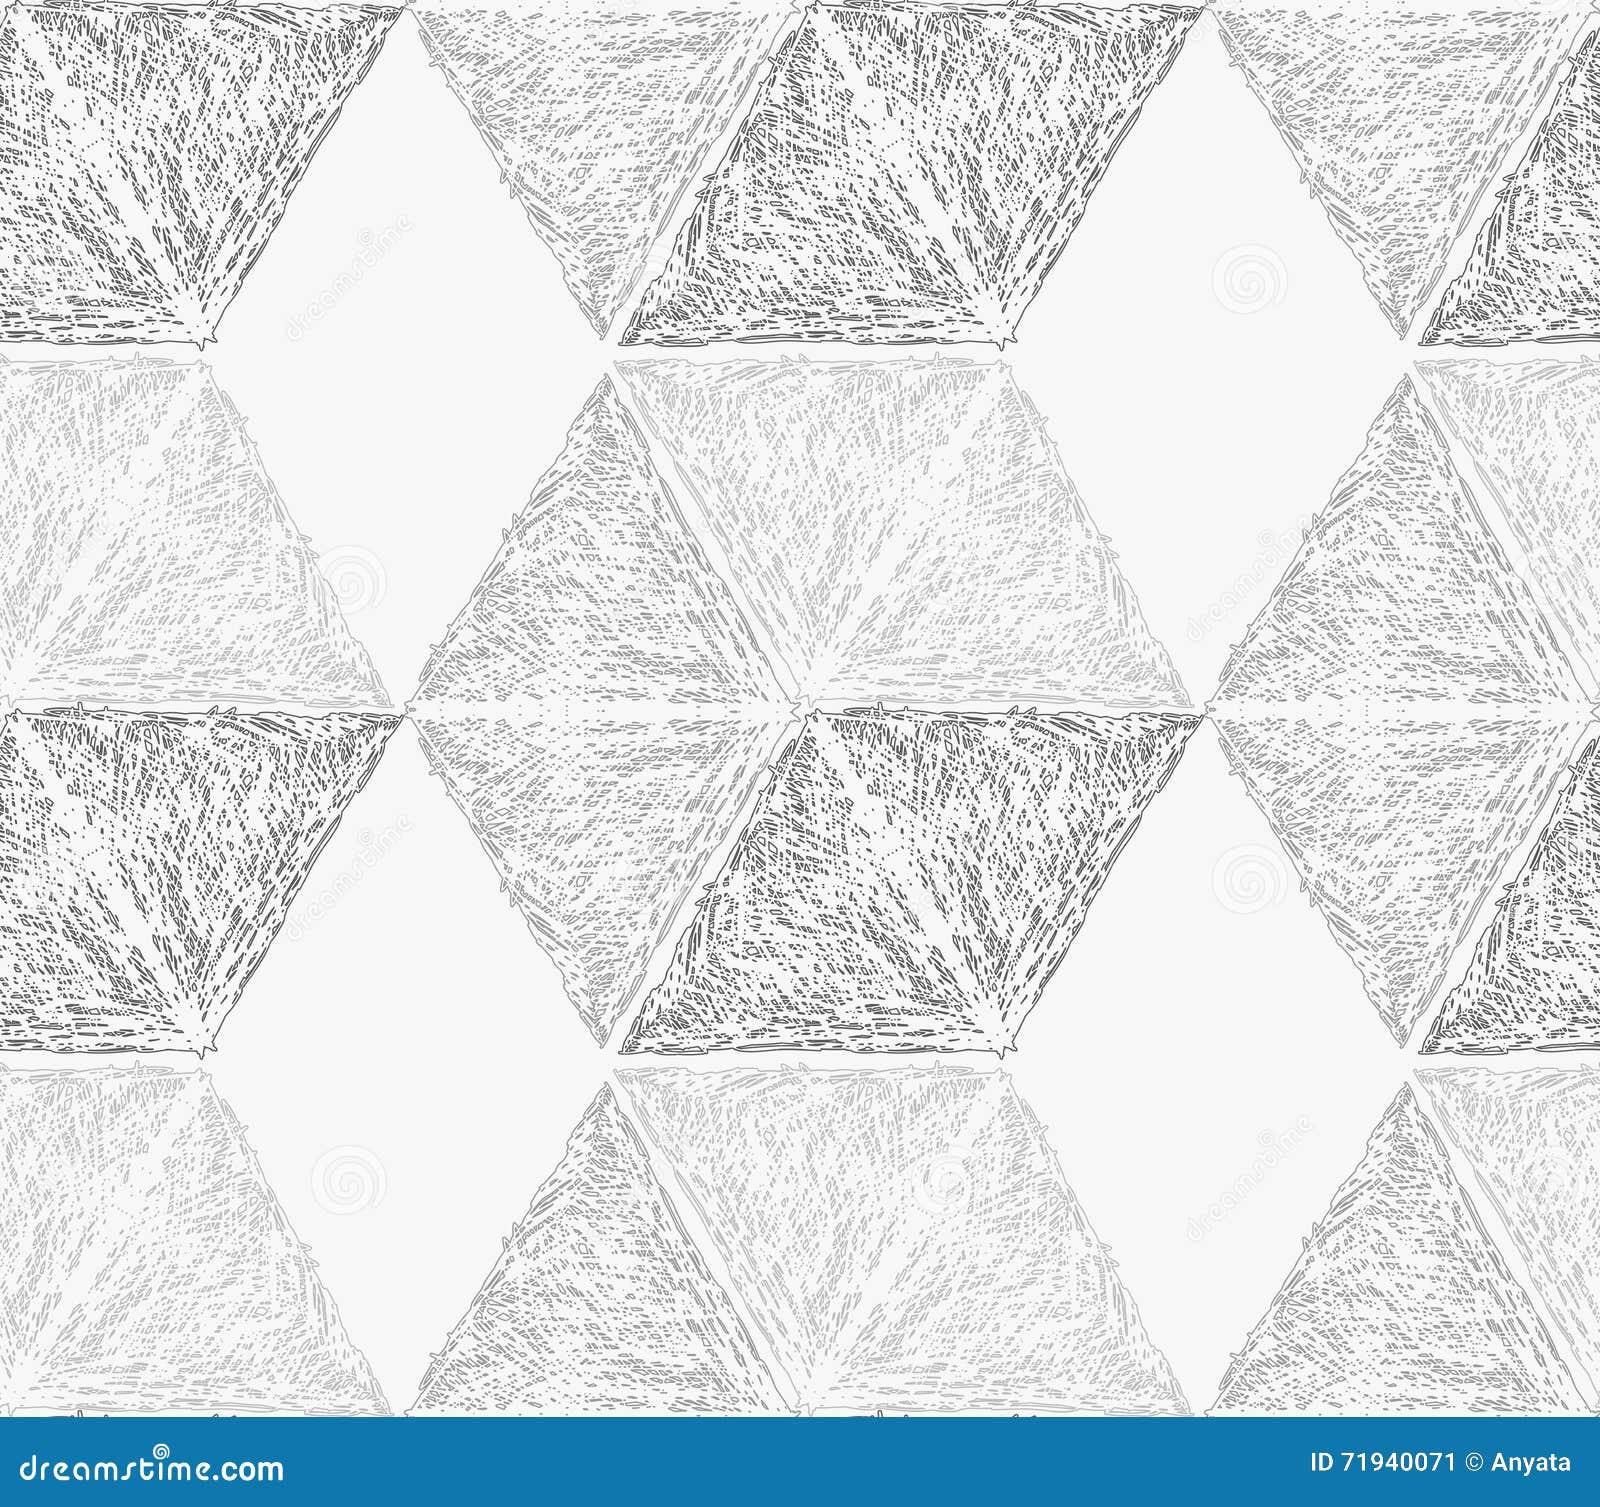 Свет насиженный карандашем - серые шестиугольники